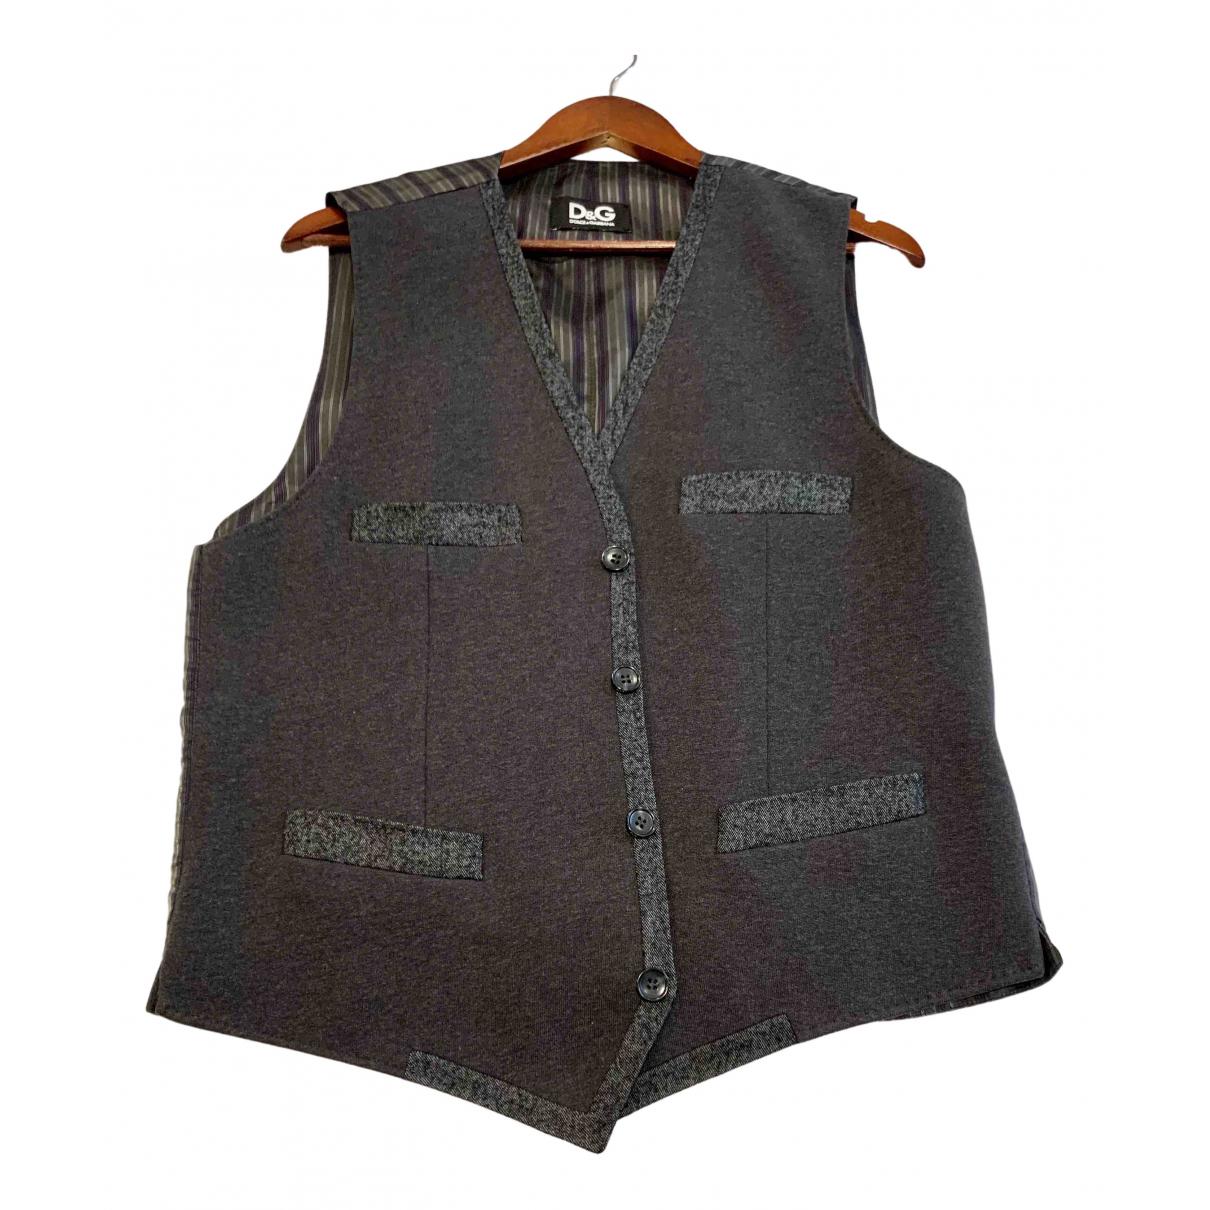 D&g \N Pullover.Westen.Sweatshirts  in  Grau Baumwolle